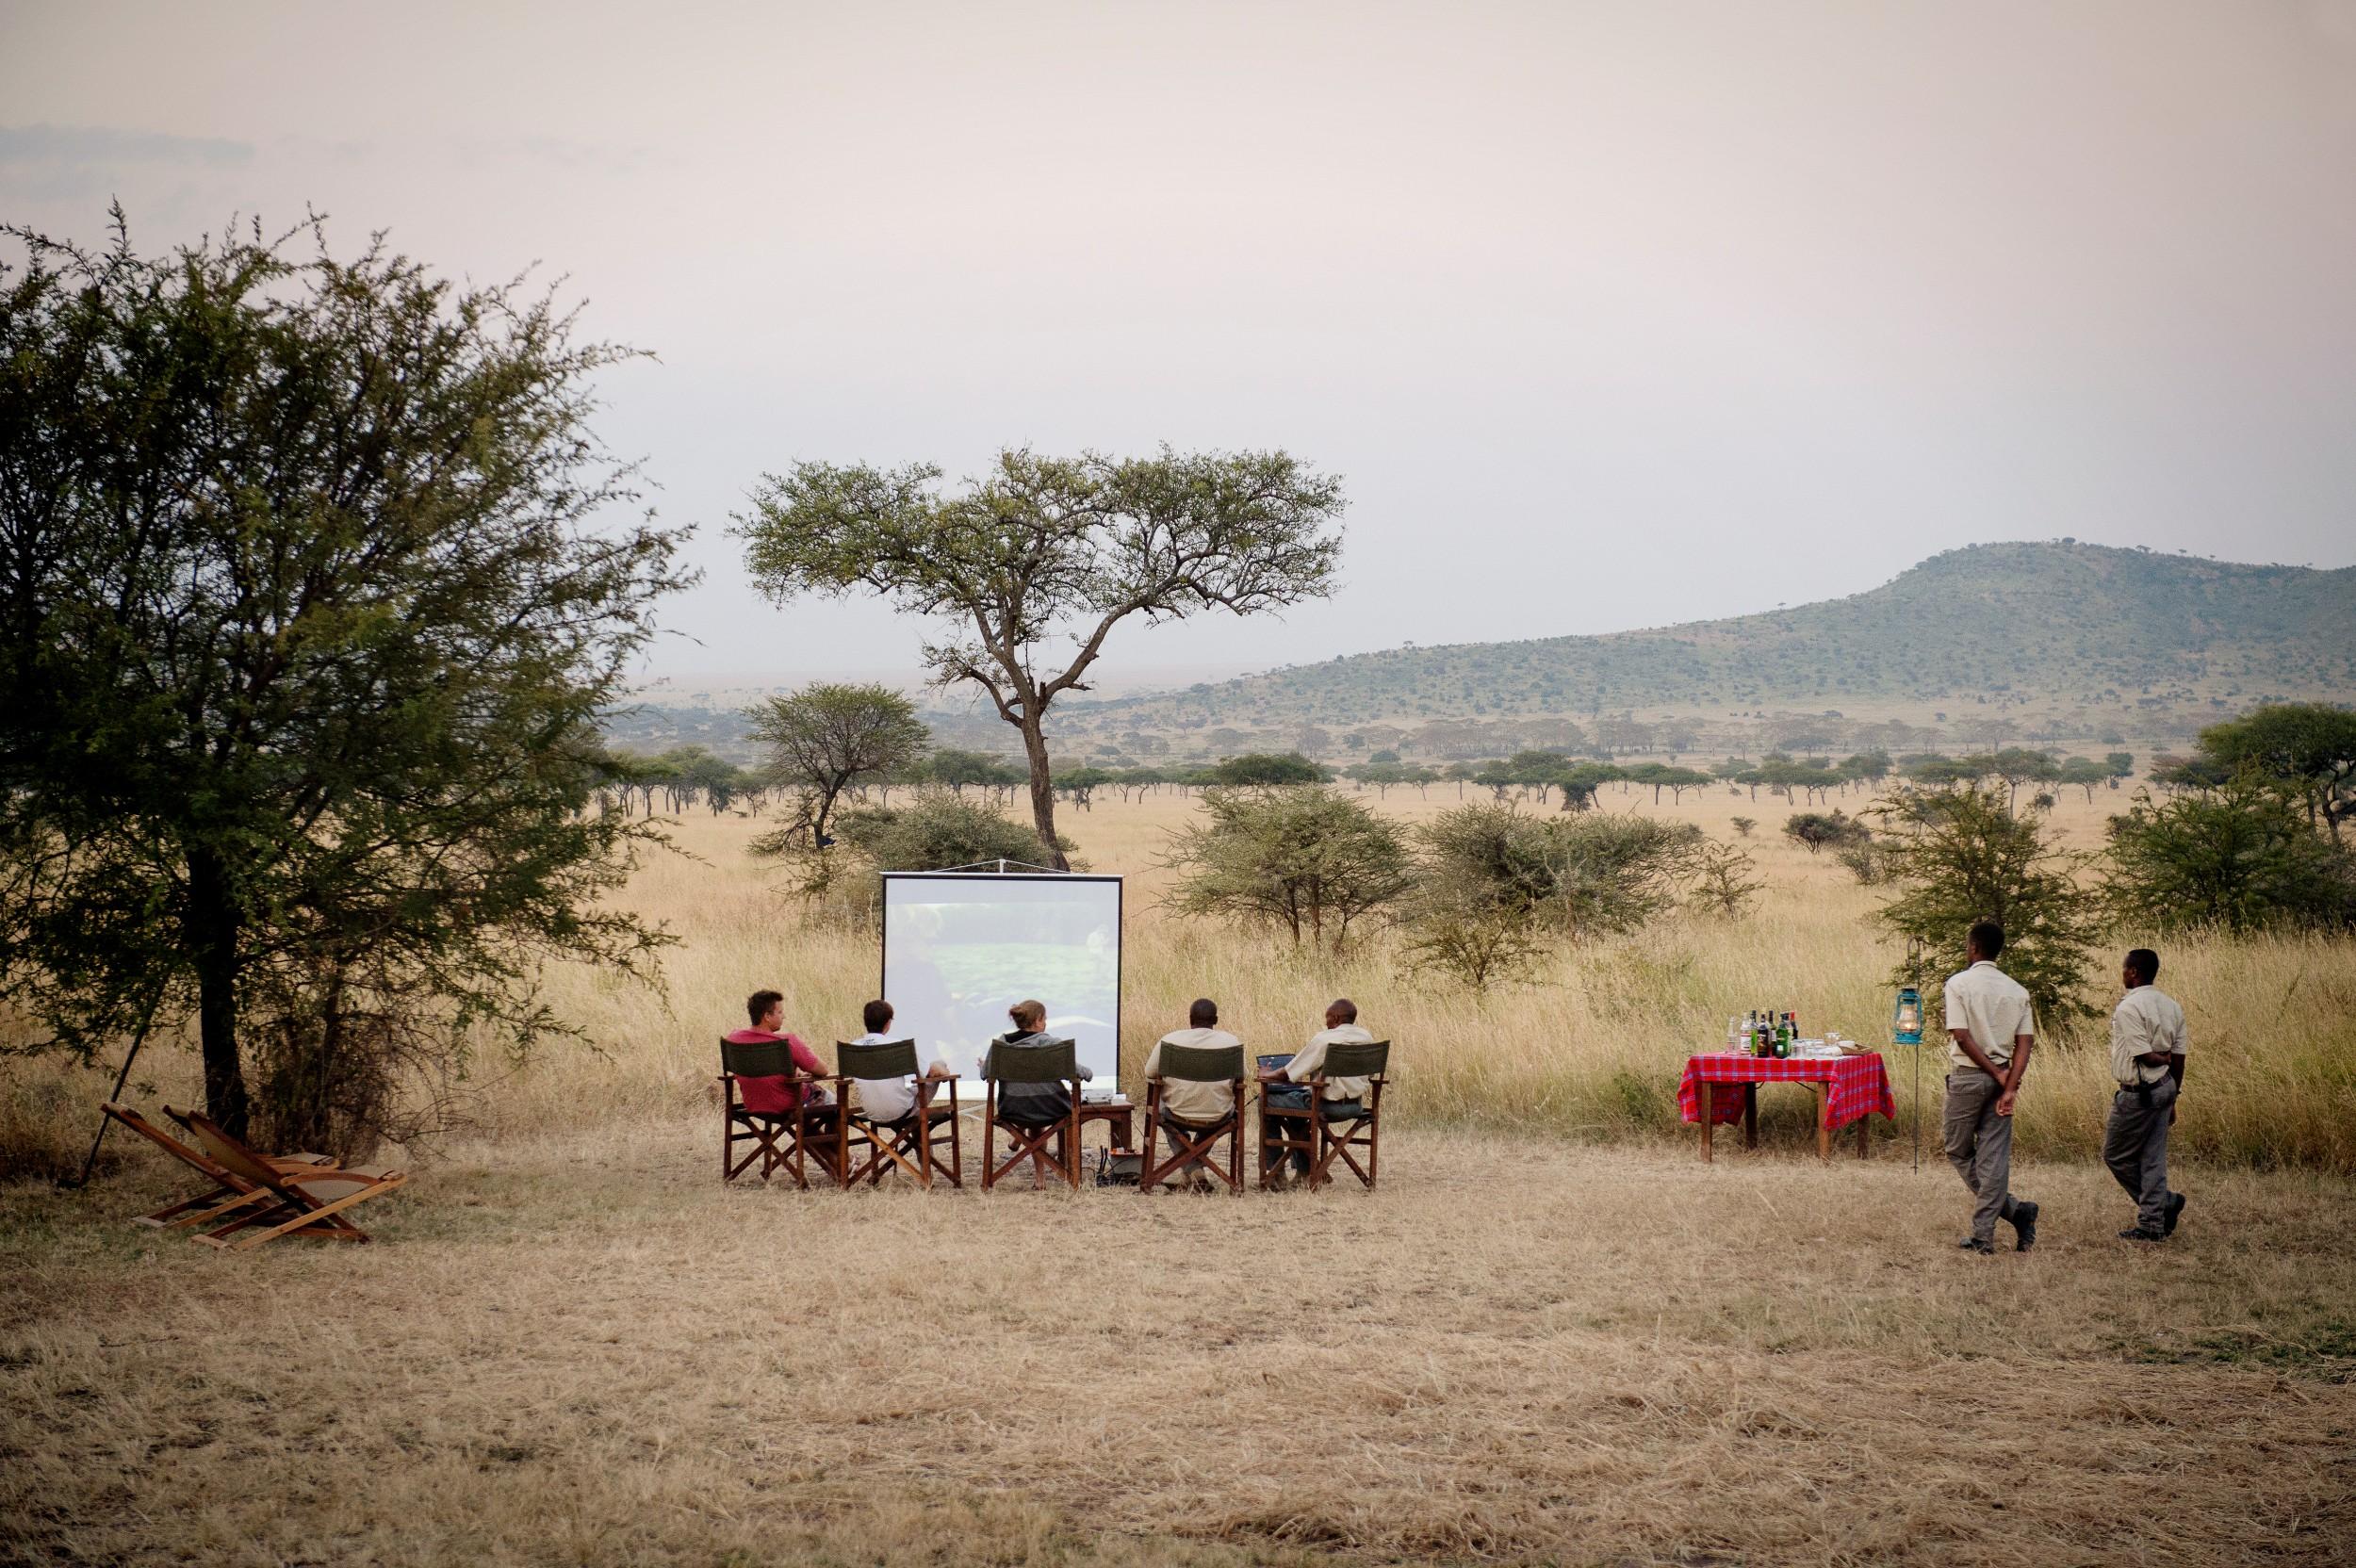 Dunia-Camp-outdoor-cinema-Eliza-Deacon-HR.jpg